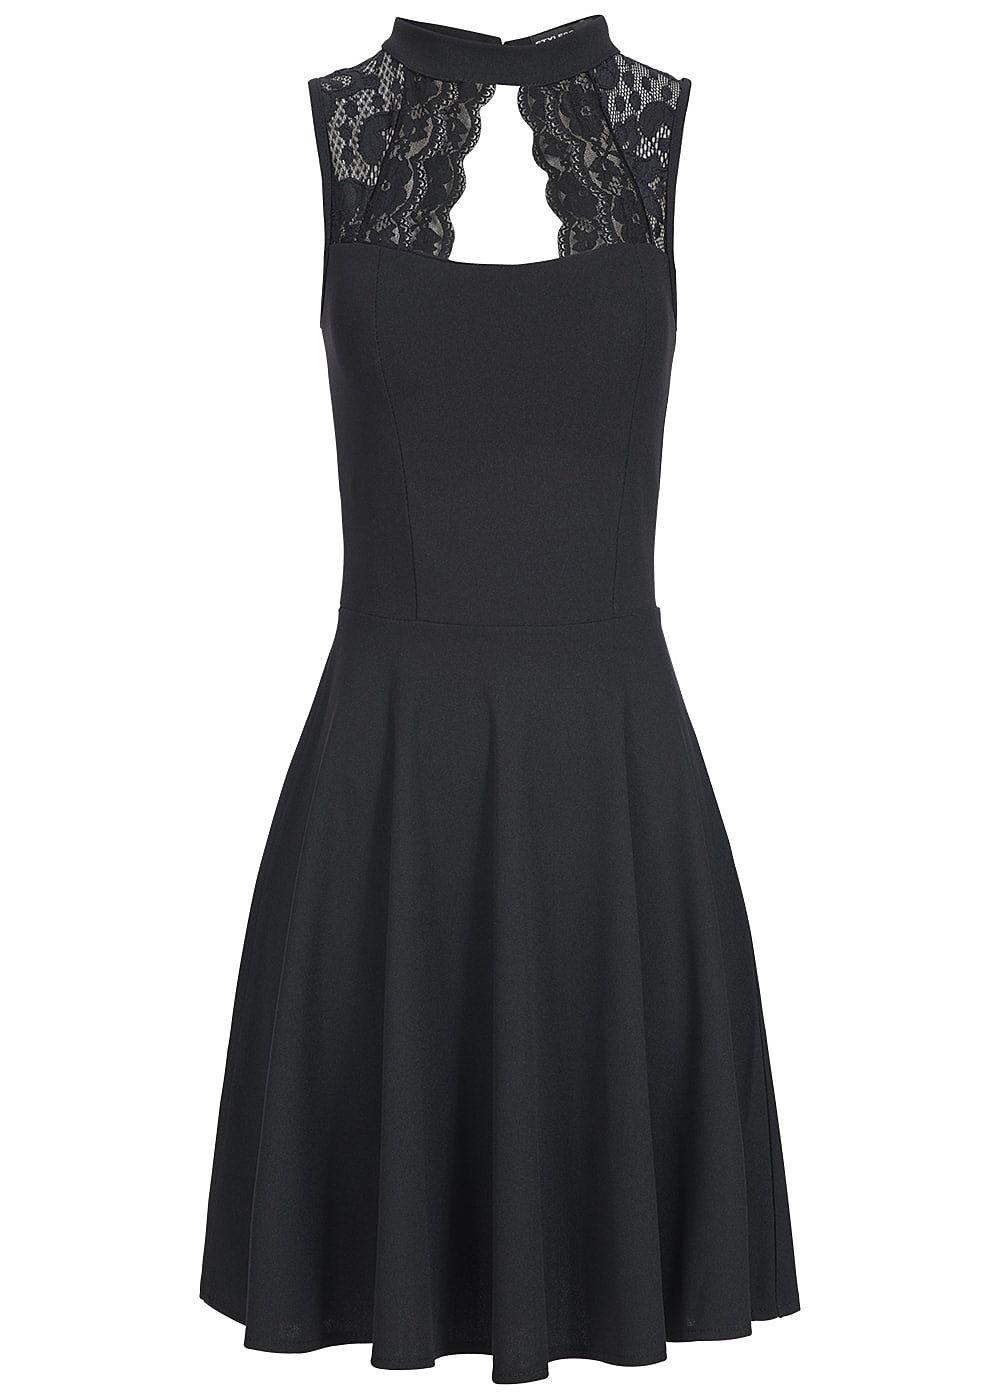 Styleboom Fashion Damen Kleid Spitze oben Brustpads schwarz